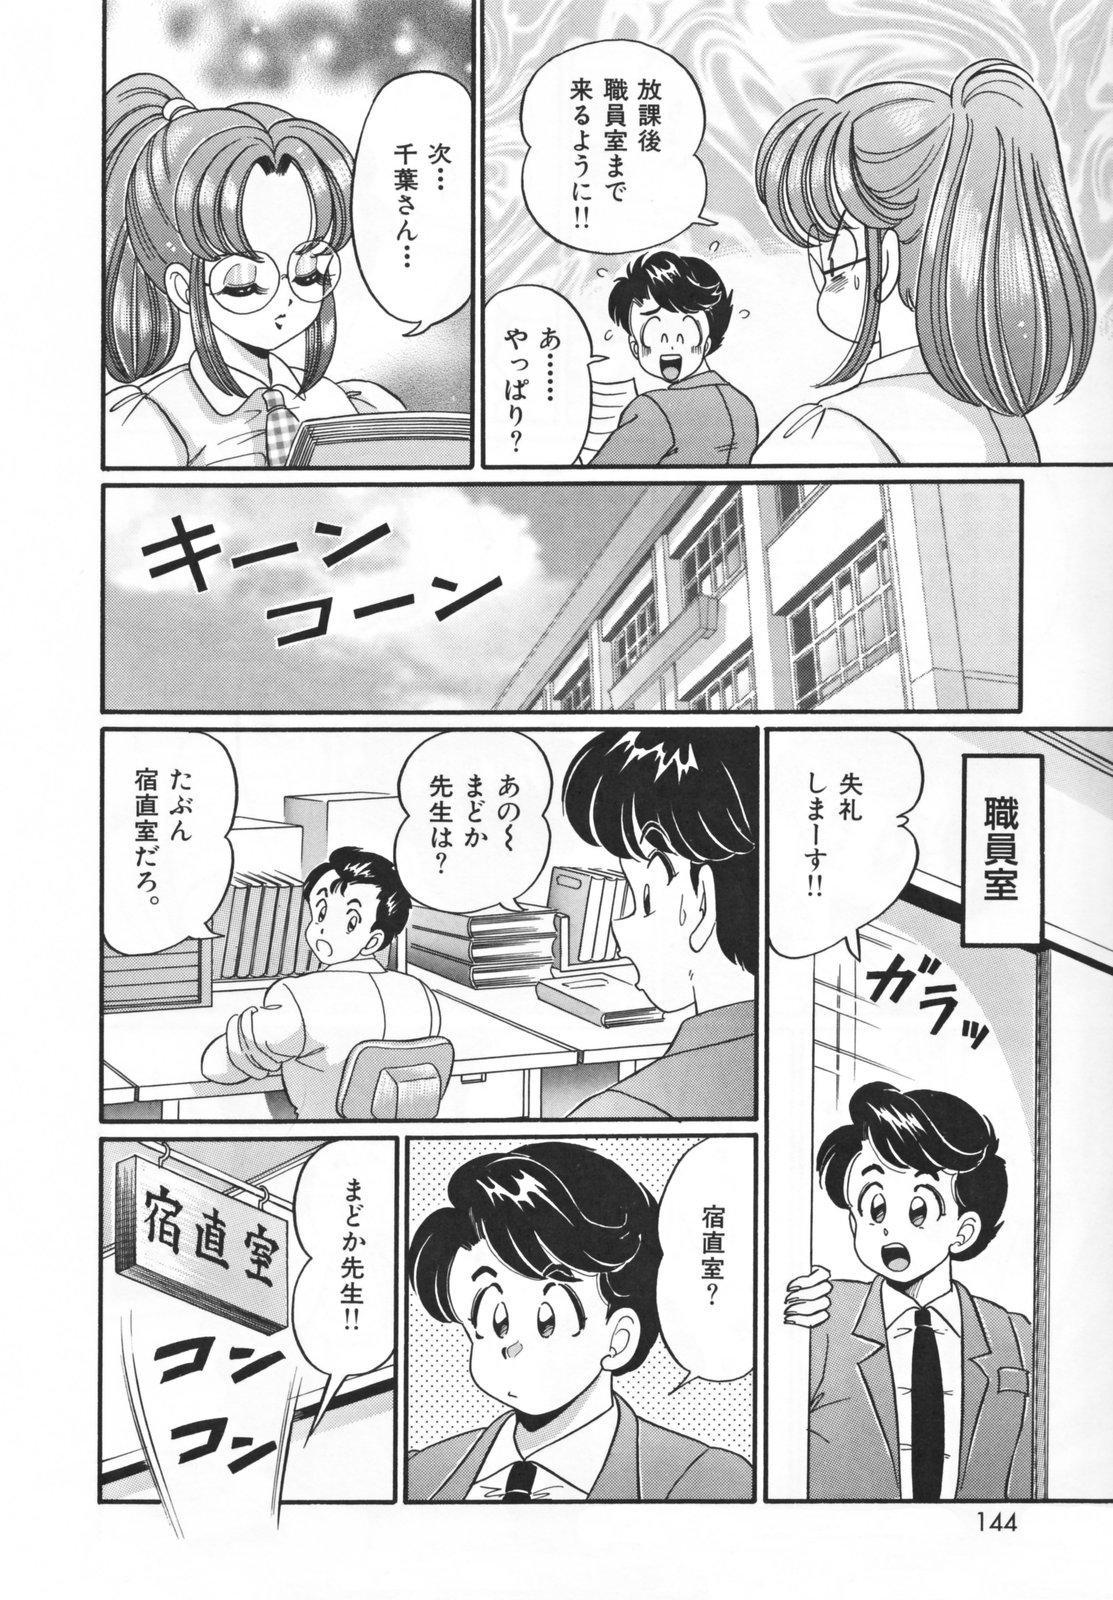 Houkago no Bakunyuu Hatsutaiken 143